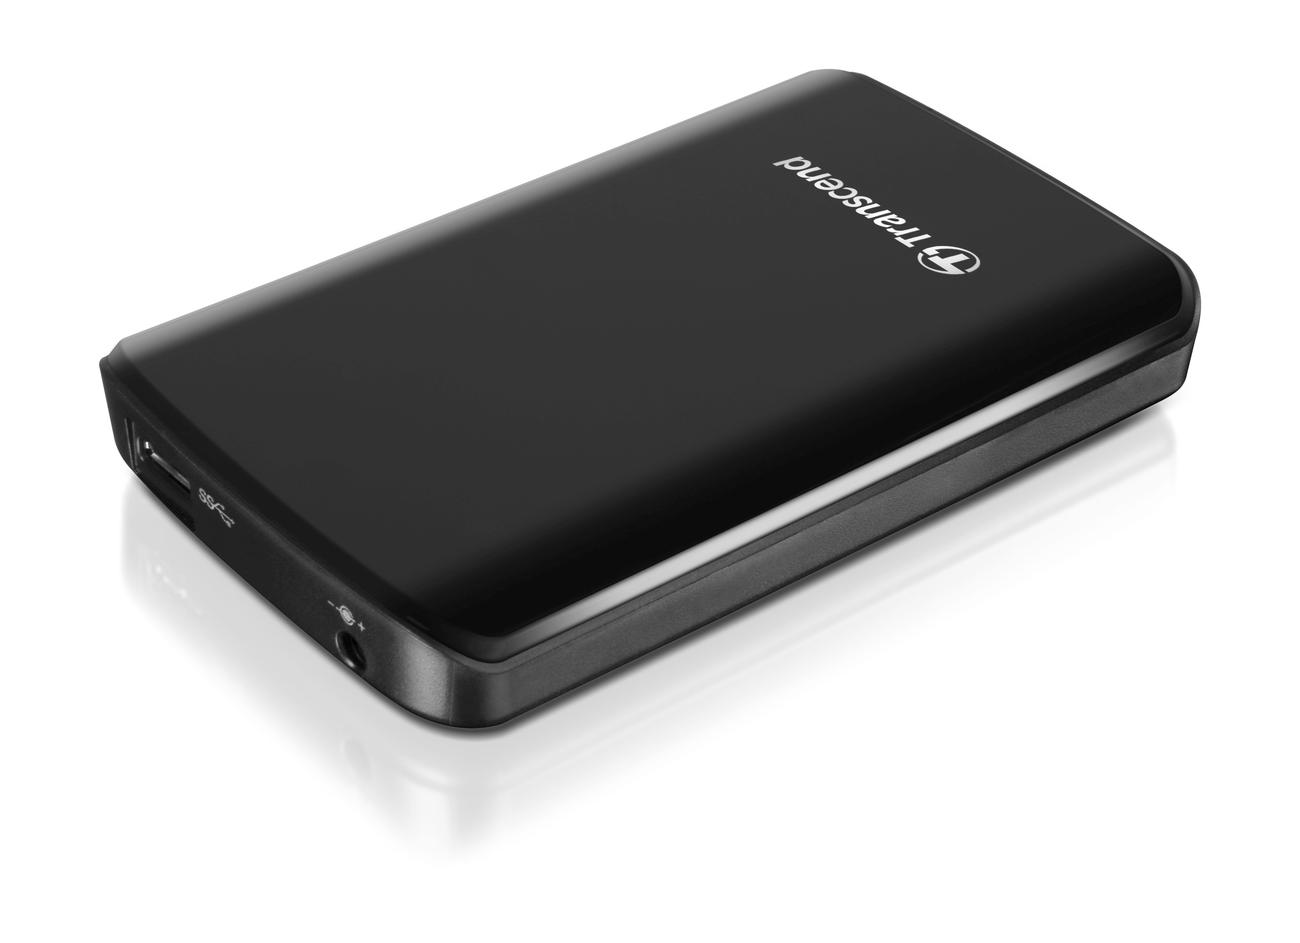 """TRANSCEND 1TB StoreJet 25D3, USB 3.0, 2.5"""" Externí hard disk, černý"""